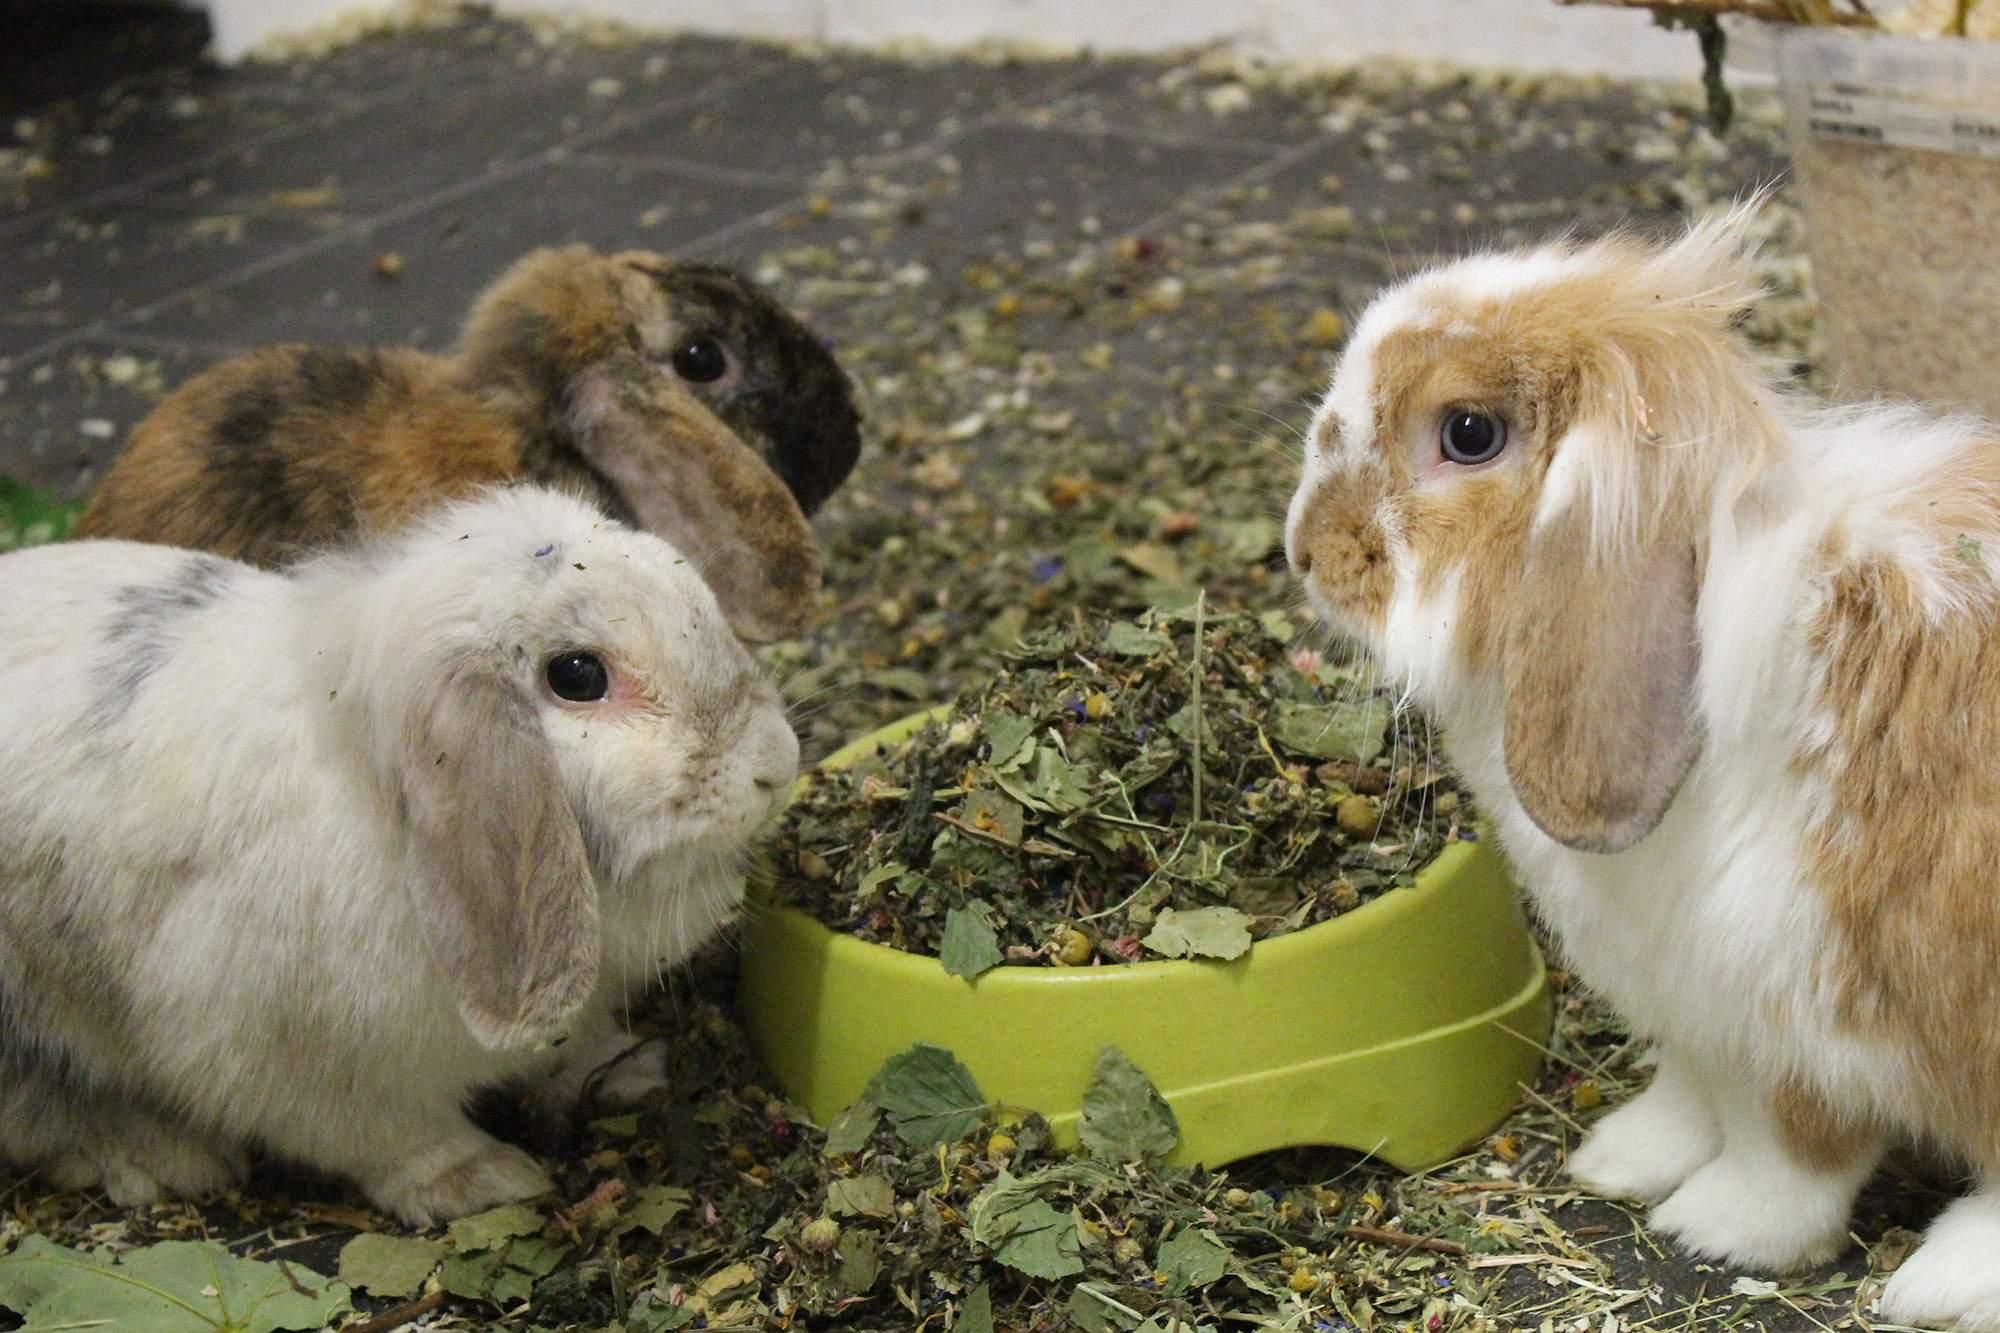 zoo futter hasen meerschweinchen kaninchen garten 0000